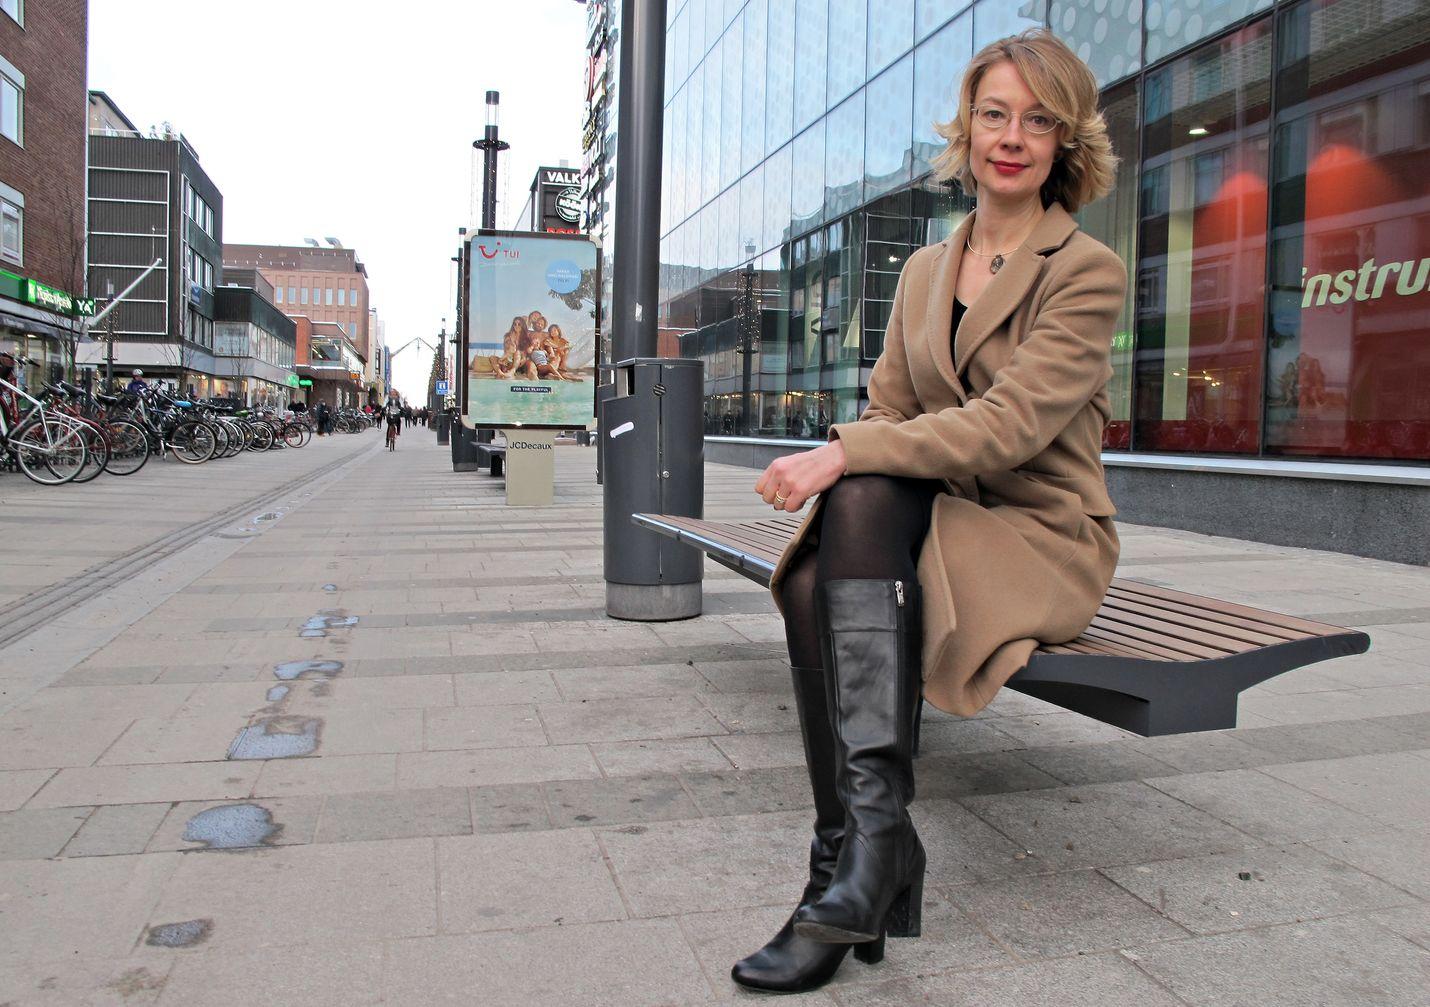 Oululainen kansanedustaja Tytti Tuppurainen (sd) vaatii valtiolta apua, jotta Oulua järkyttäneet seksuaalirikokset saadaan selvitettyä ja Ouluun voidaan luoda uutta turvallisuuskulttuuria.